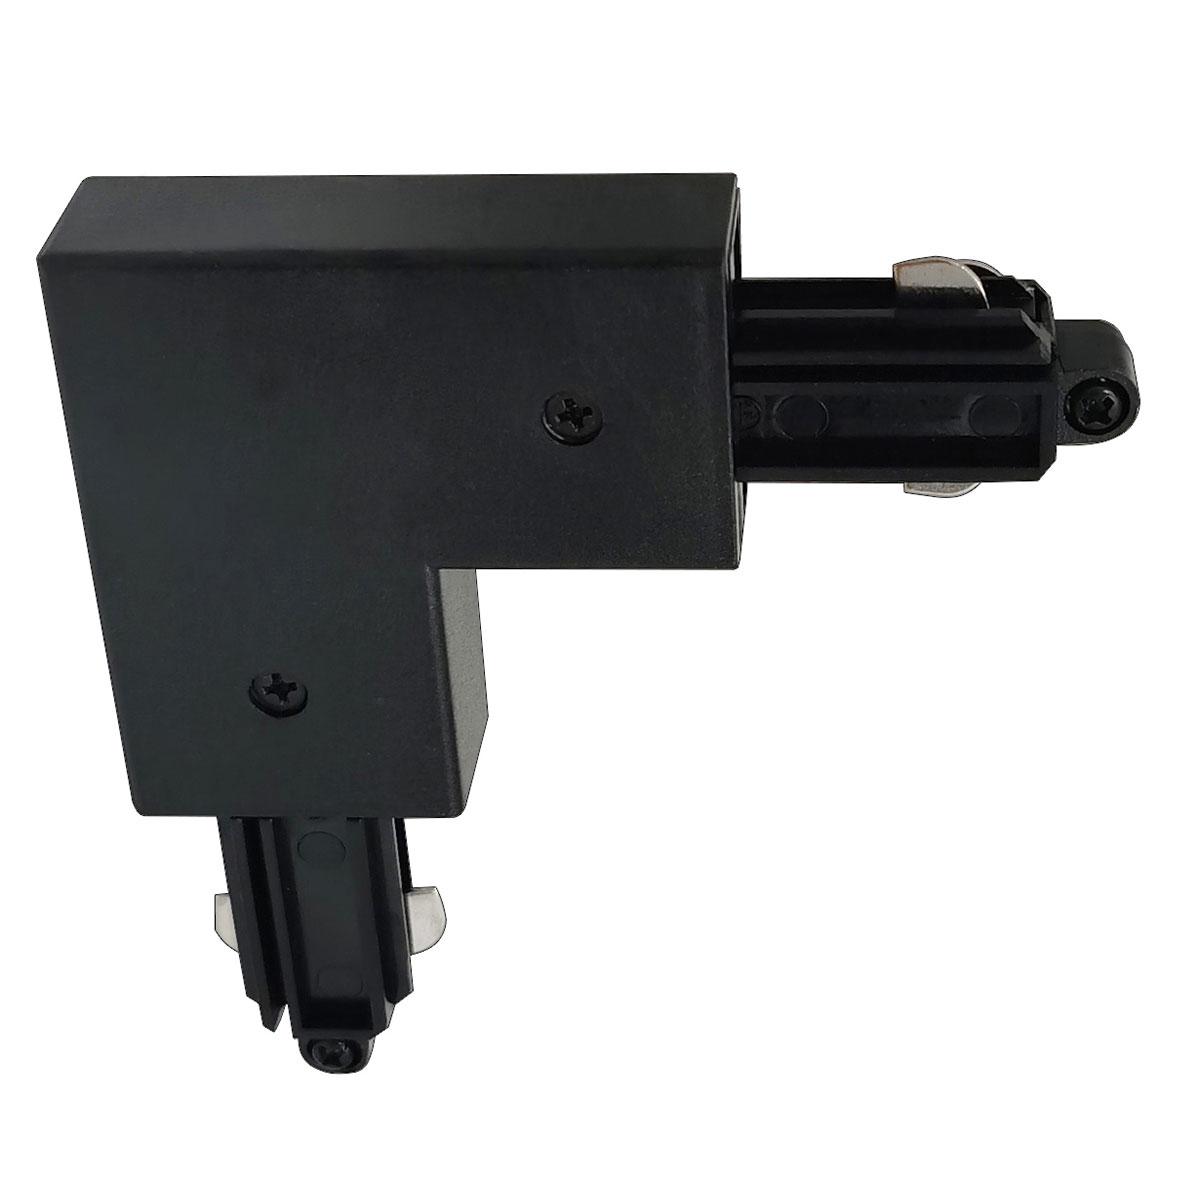 Hoekstuk rail rechts voor mat zwarte spanningrail - bocht 90 graden -  Dit hoekstuk rail rechts maakt onderdeel uit van de moderne railverlichting RSWebo-1 van High Light -  Dit moderne 1 fase railsysteem van Highlight  kunt u geheel zelf samenstellen -  Het systeem RSWebo-1 beschikt over verschillende lengtes spanningrail - over cilinder en retro bol spots - allerlei koppelstukken - verbinders - bochten en zelfs een adapter voor een eventuele hanglamp -  De set is geheel op maat door u samen te stellen - aan elkaar te koppelen en te voorzien van het gewenste aantal spots - maar in onze shop verkopen we ook een paar complete sets met of drie of vier spots -  Het hele systeem is leverbaar in de kleuren mat zwart en wit -  Alle items in onze webshop met code RSWebo-1 - passen bij elkaar -  De spots zijn te verschuiven - draaibaar en kantelbaar -  De aansluitvoeding zit aan het begin van de rail daar zit ook het kroonsteentje om de aansluiting te maken -  De spots binnen de serie RSWebo-1 zijn geschikt voor een GU10 LED lichtbron van maximaal 35 Watt -  De spots zijn ook dimbaar te maken met een externe wanddimmer (exclusief) -  O5111 - 01